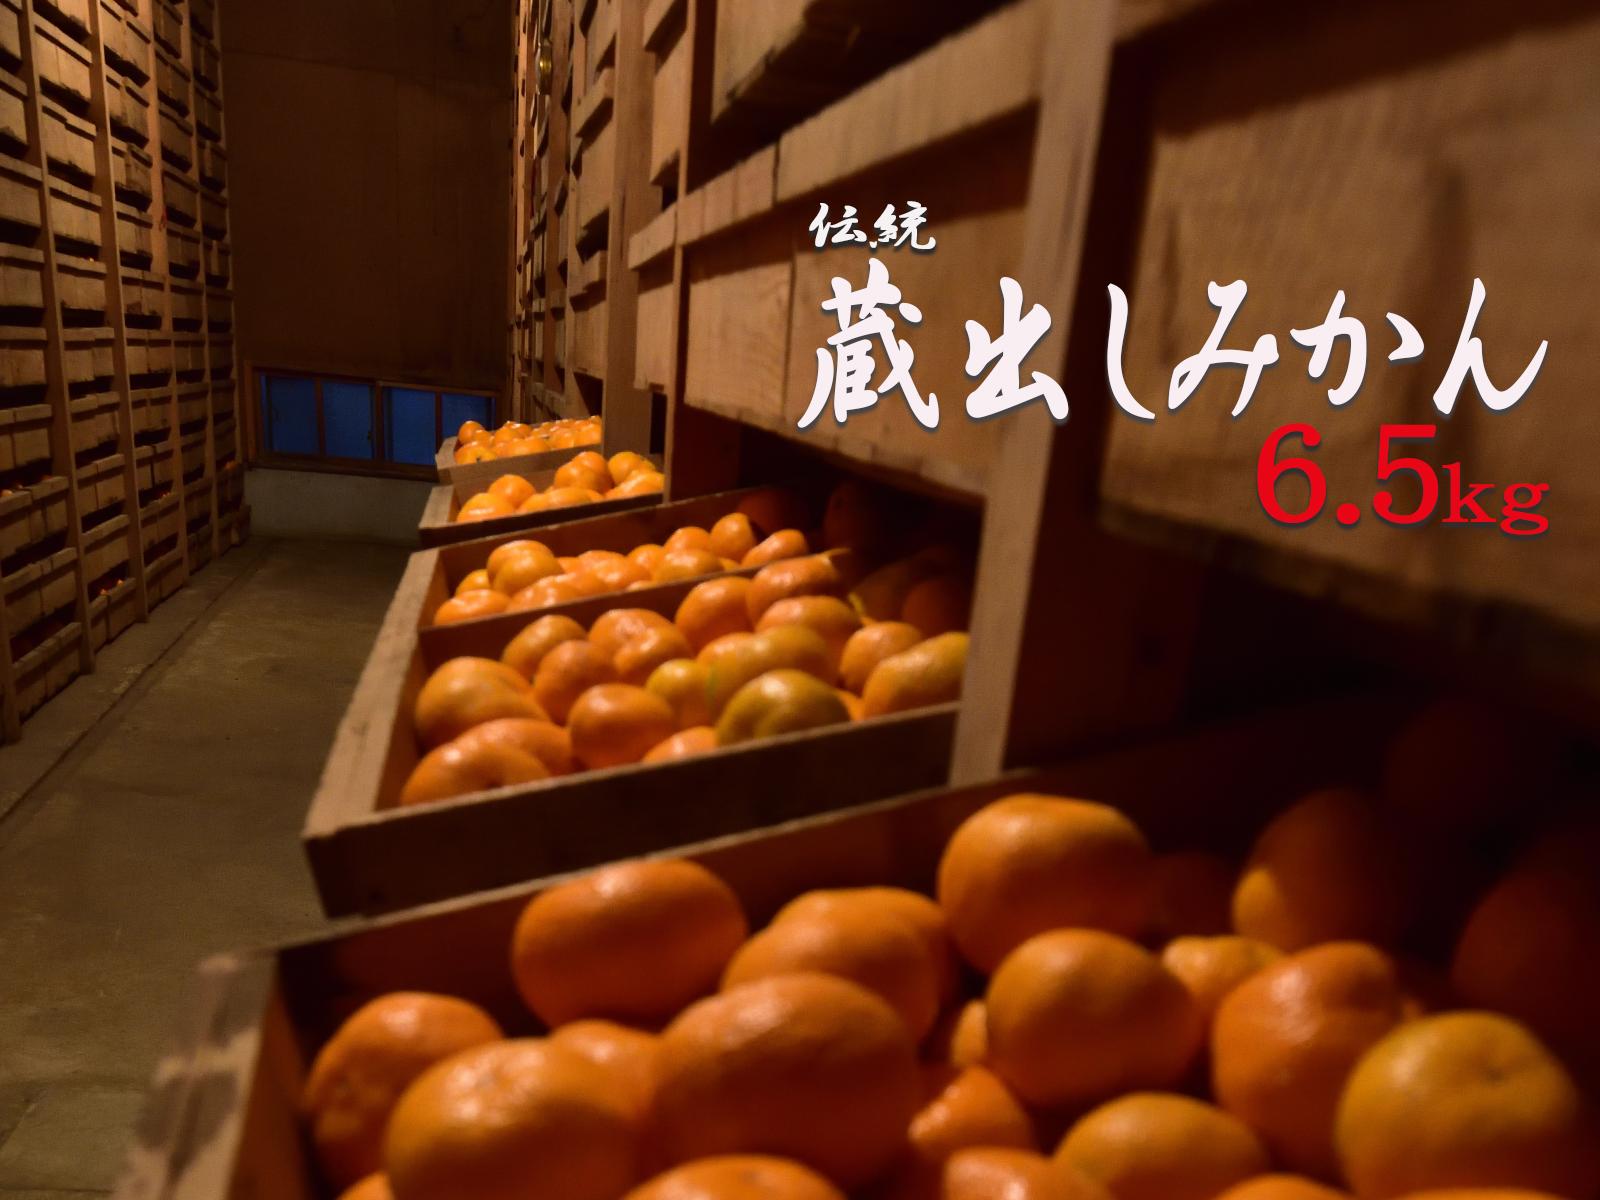 和歌山県海南市 【ふるさと納税】下津蔵出しみかん6.5kg・ちょっと訳...